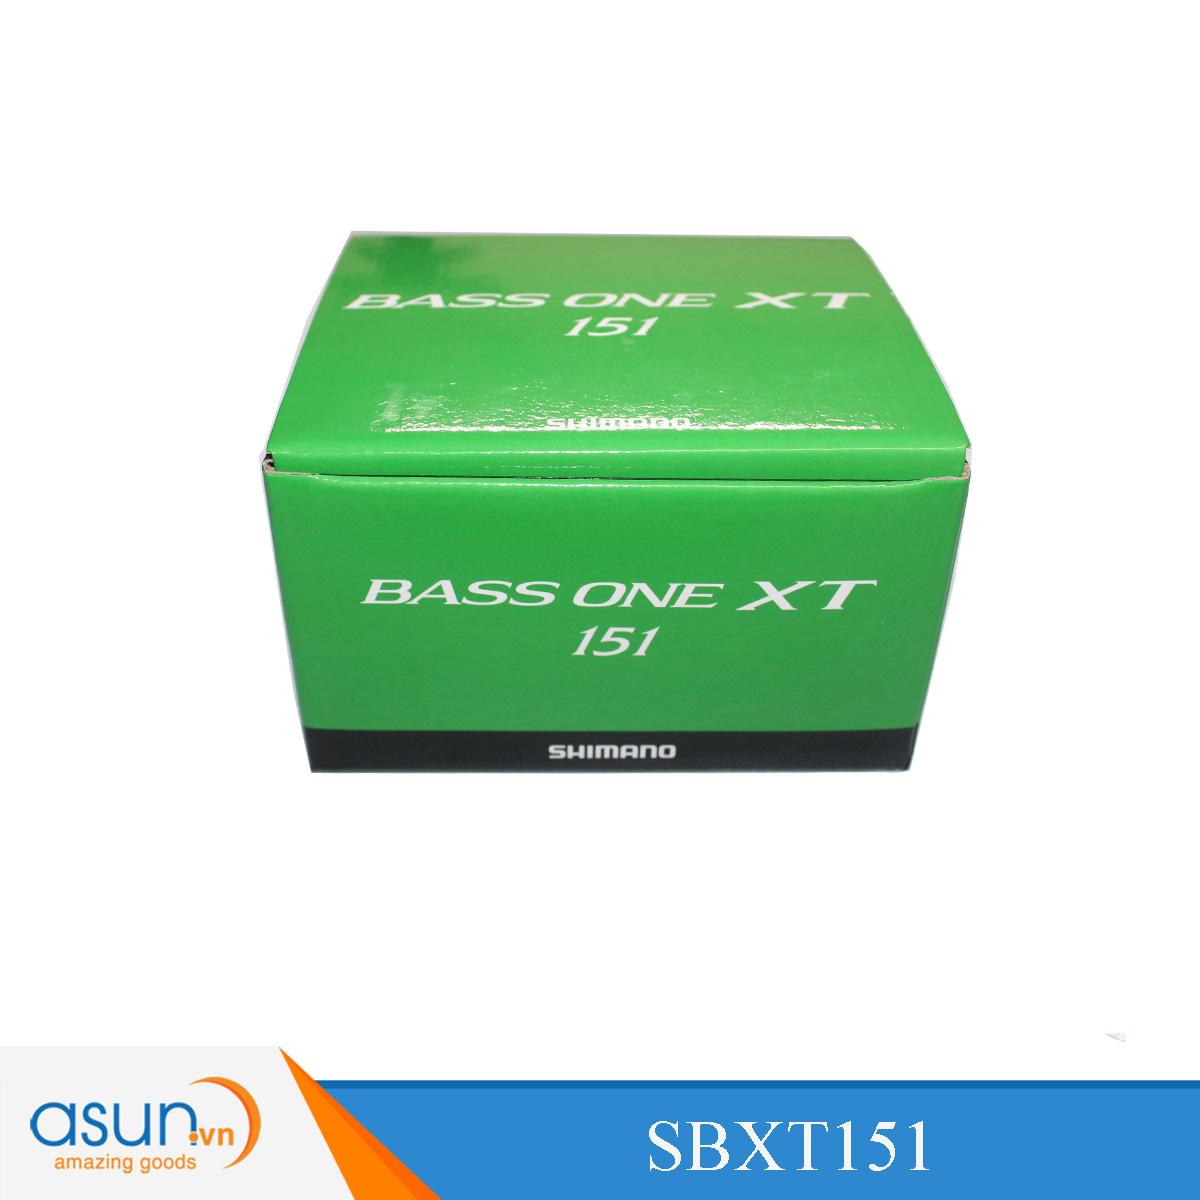 Máy Câu Ngang Shimano Bass One XT 151 - Chính Hãng tay quay bên trái